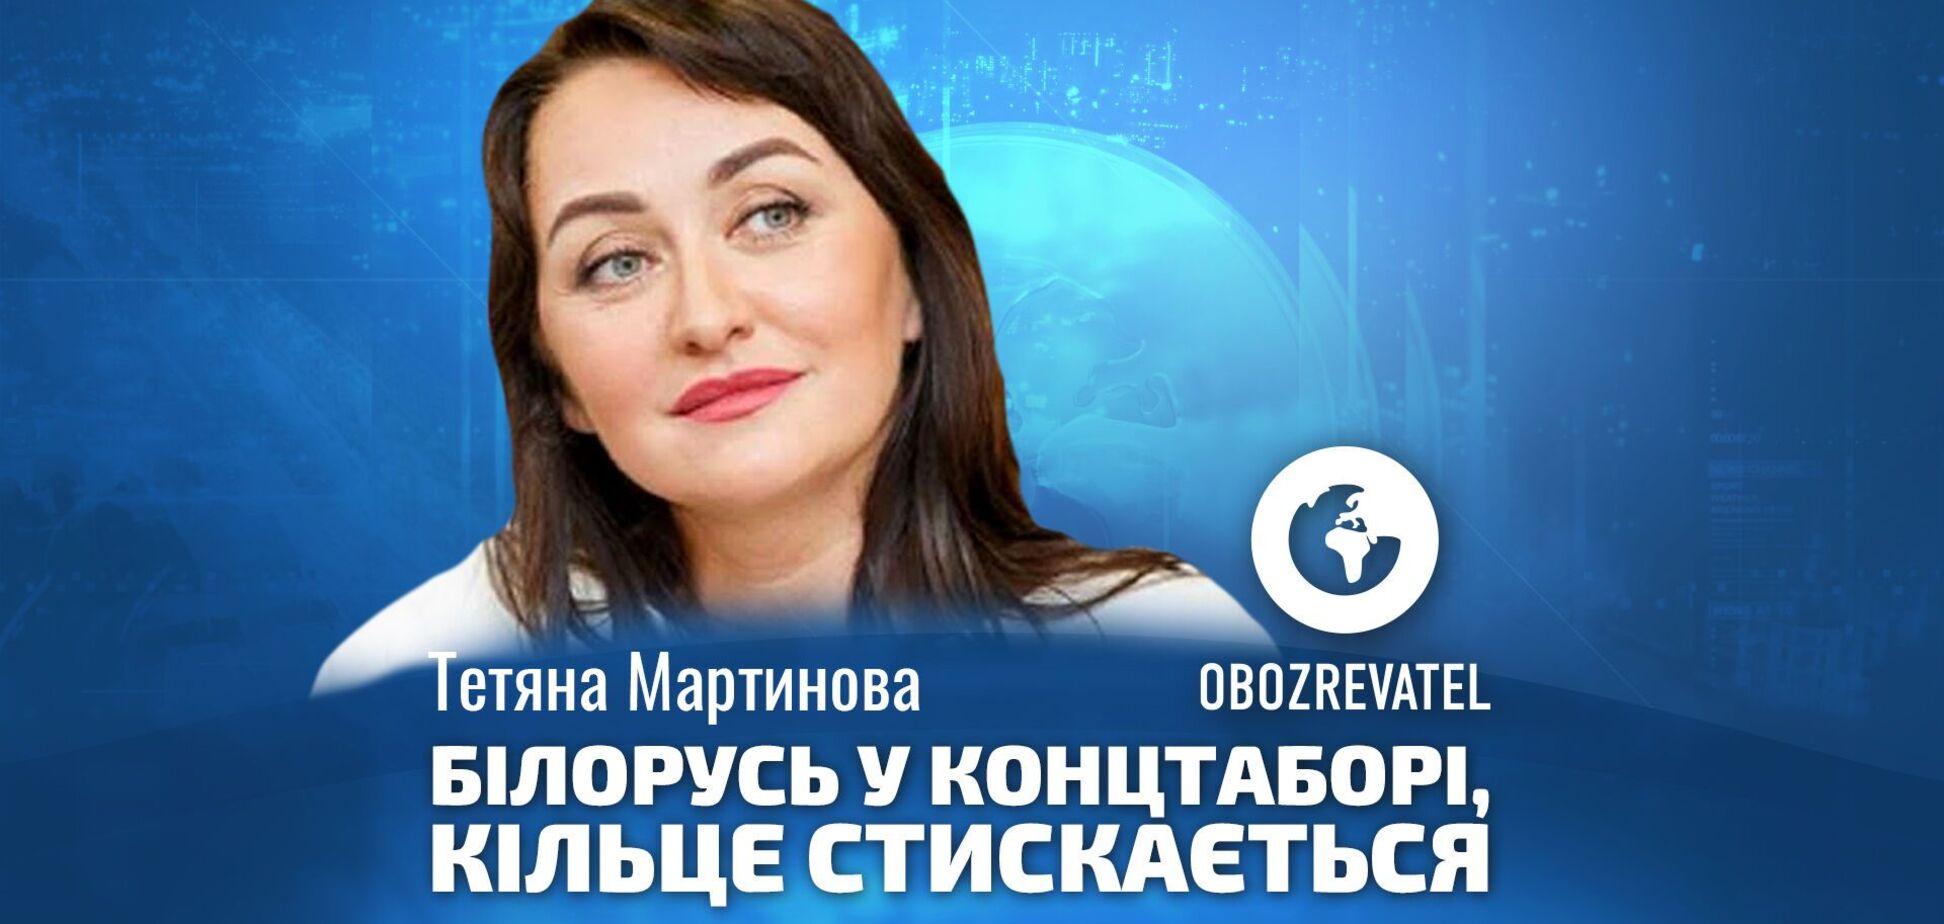 Беларусь в концлагере, кольцо сжимается, – Мартынова